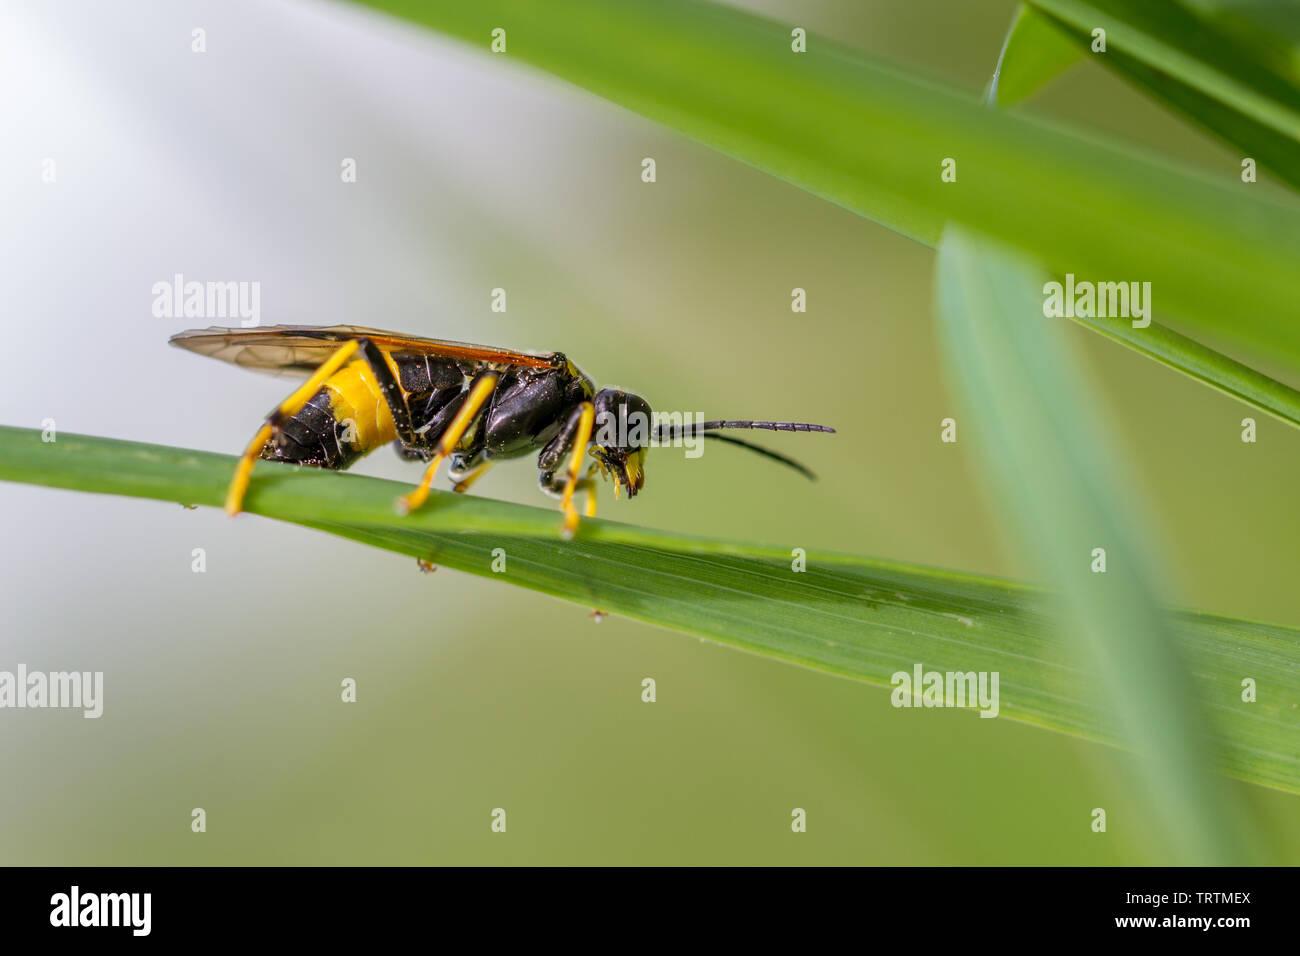 Tenthredo maculata Sawfly - eine auffallende gelbe Wespe nachahmen, Großbritannien Stockbild